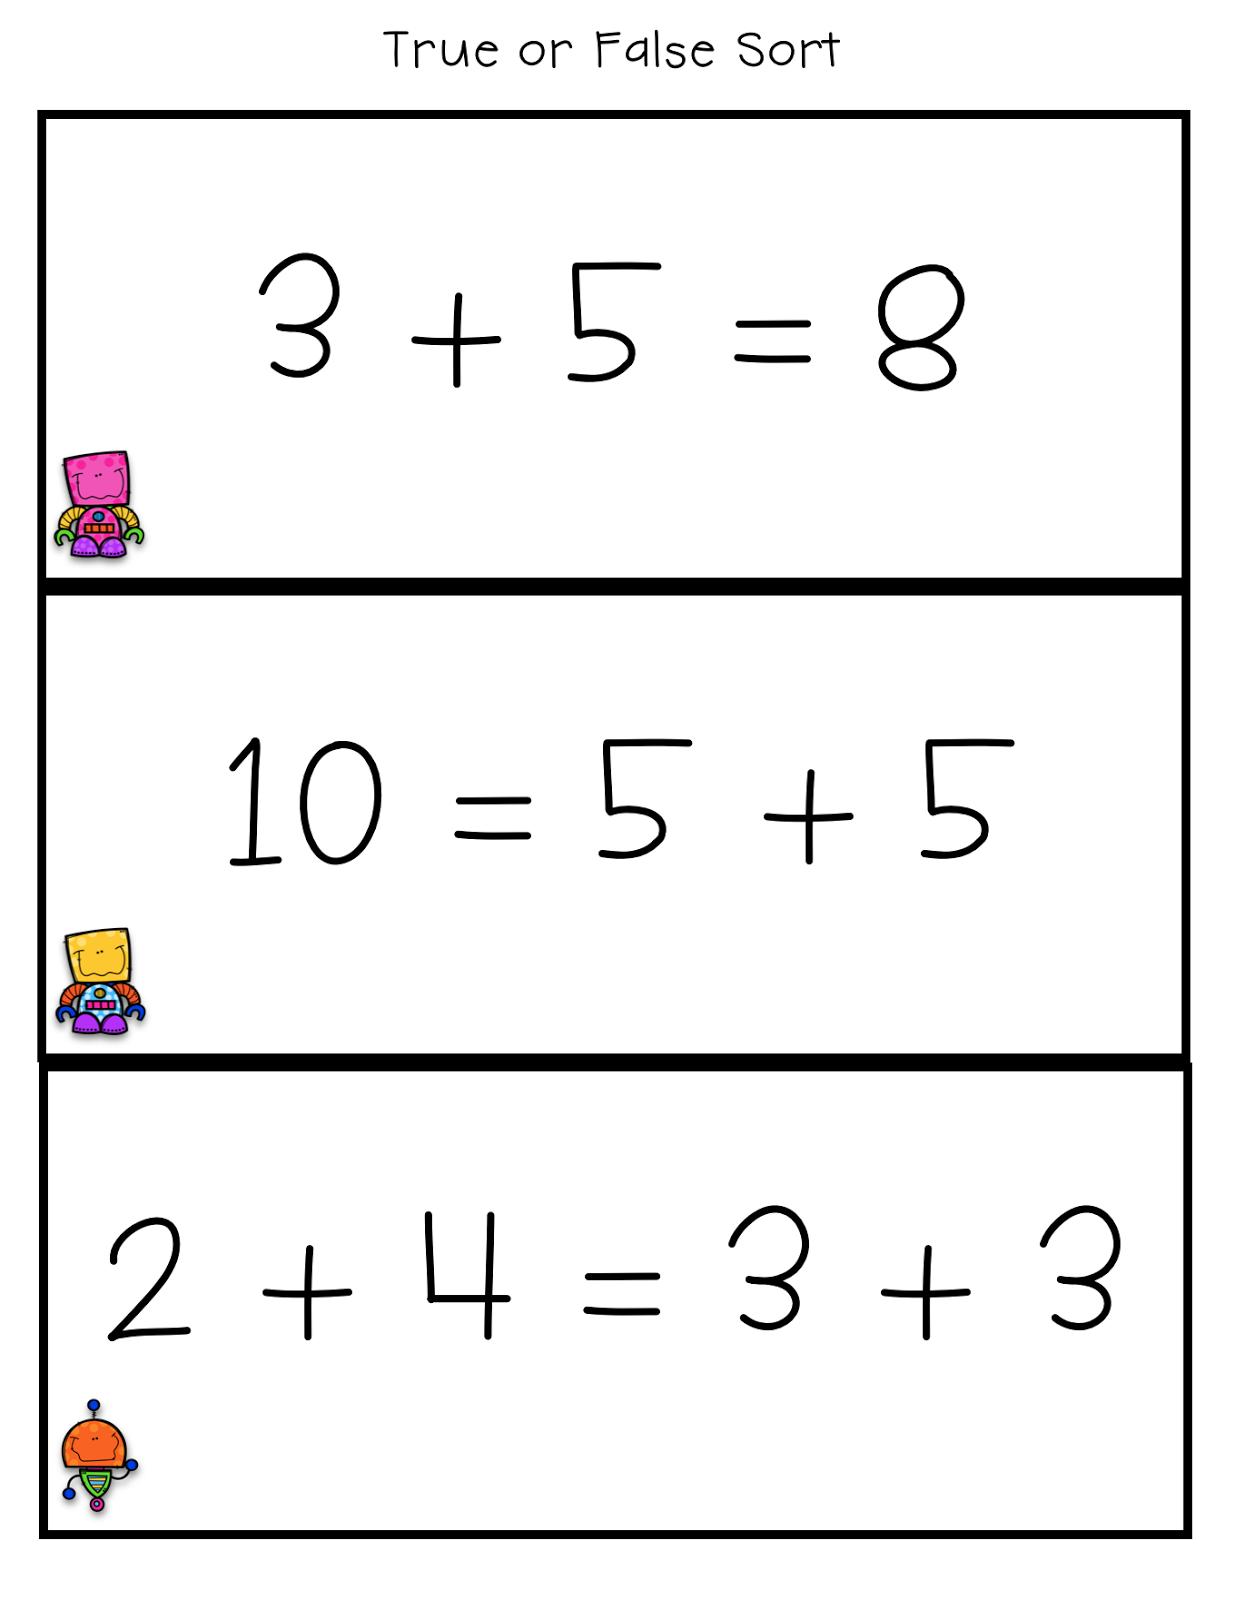 True False Number Sentences First Grade